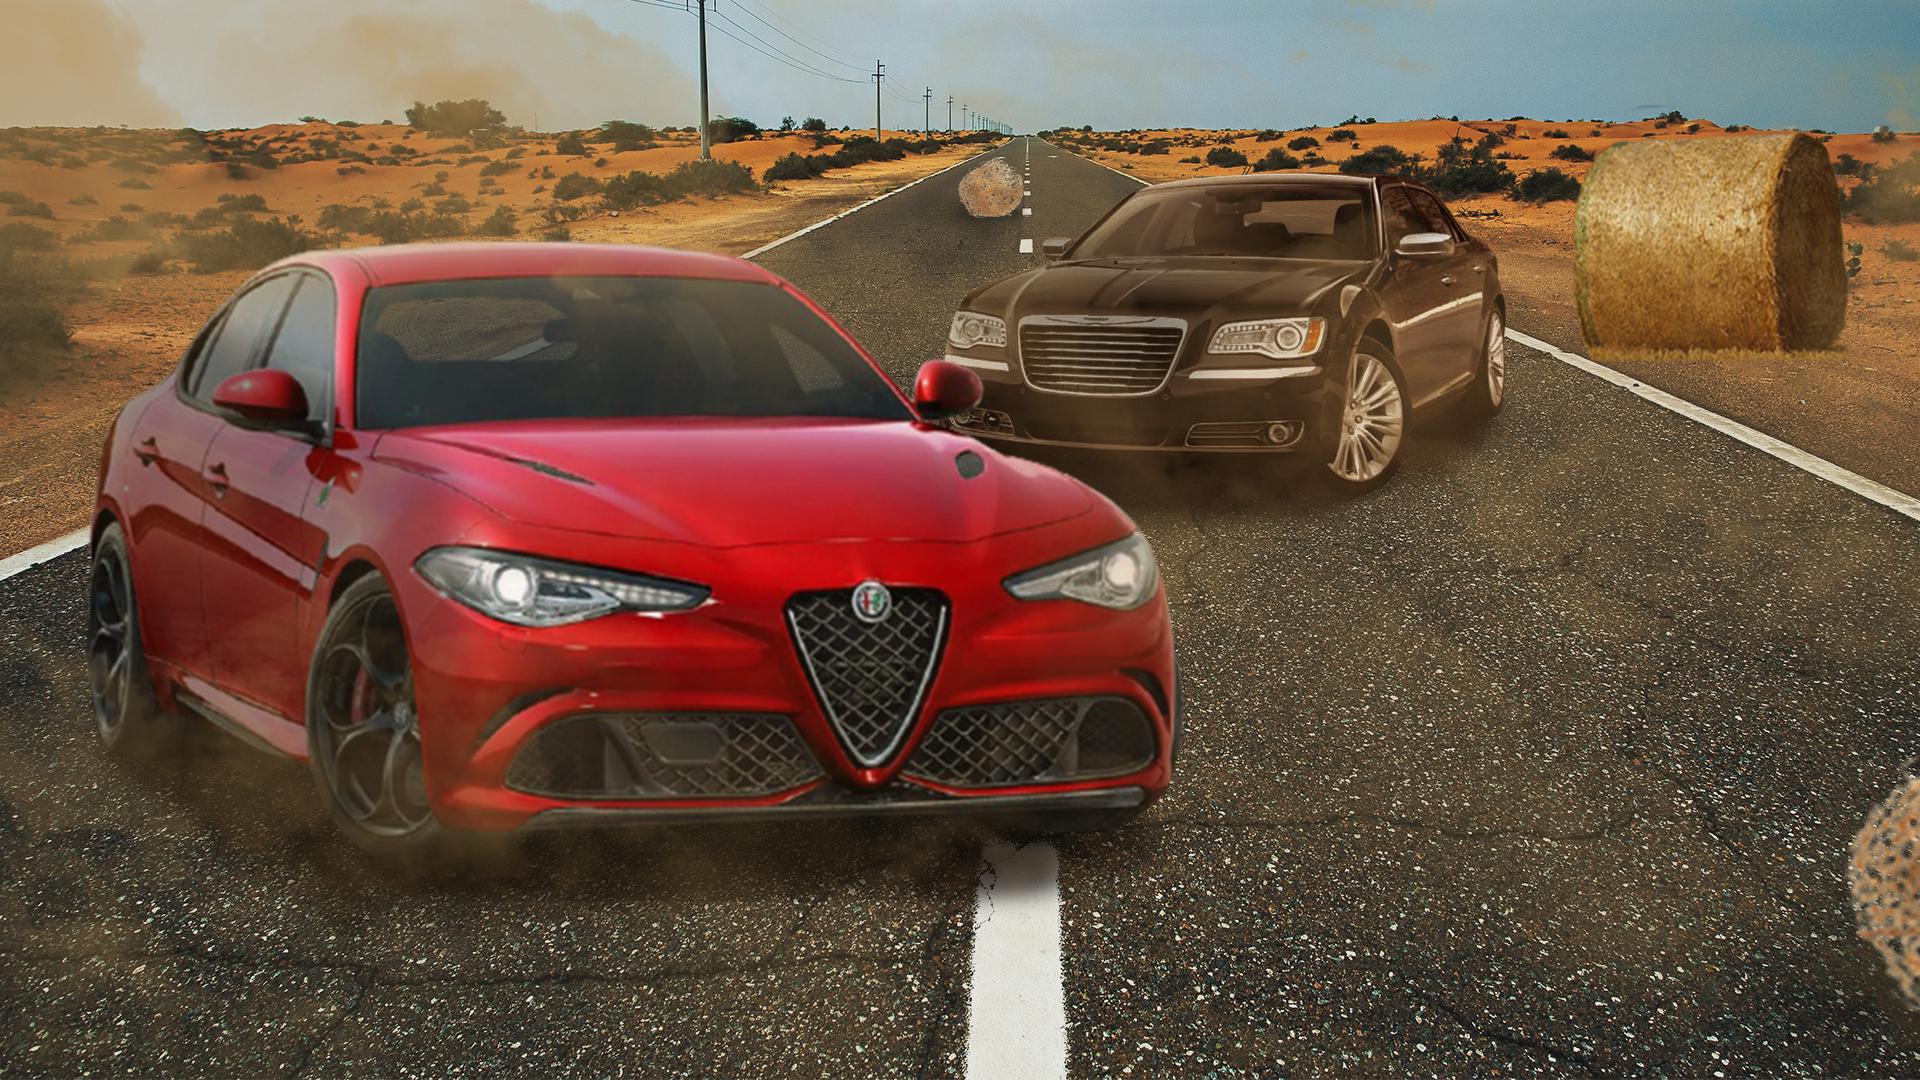 Alfa Romeo e Chrtsler, montadoras pertencentes à Stellantis, podem estar próximas do fim.